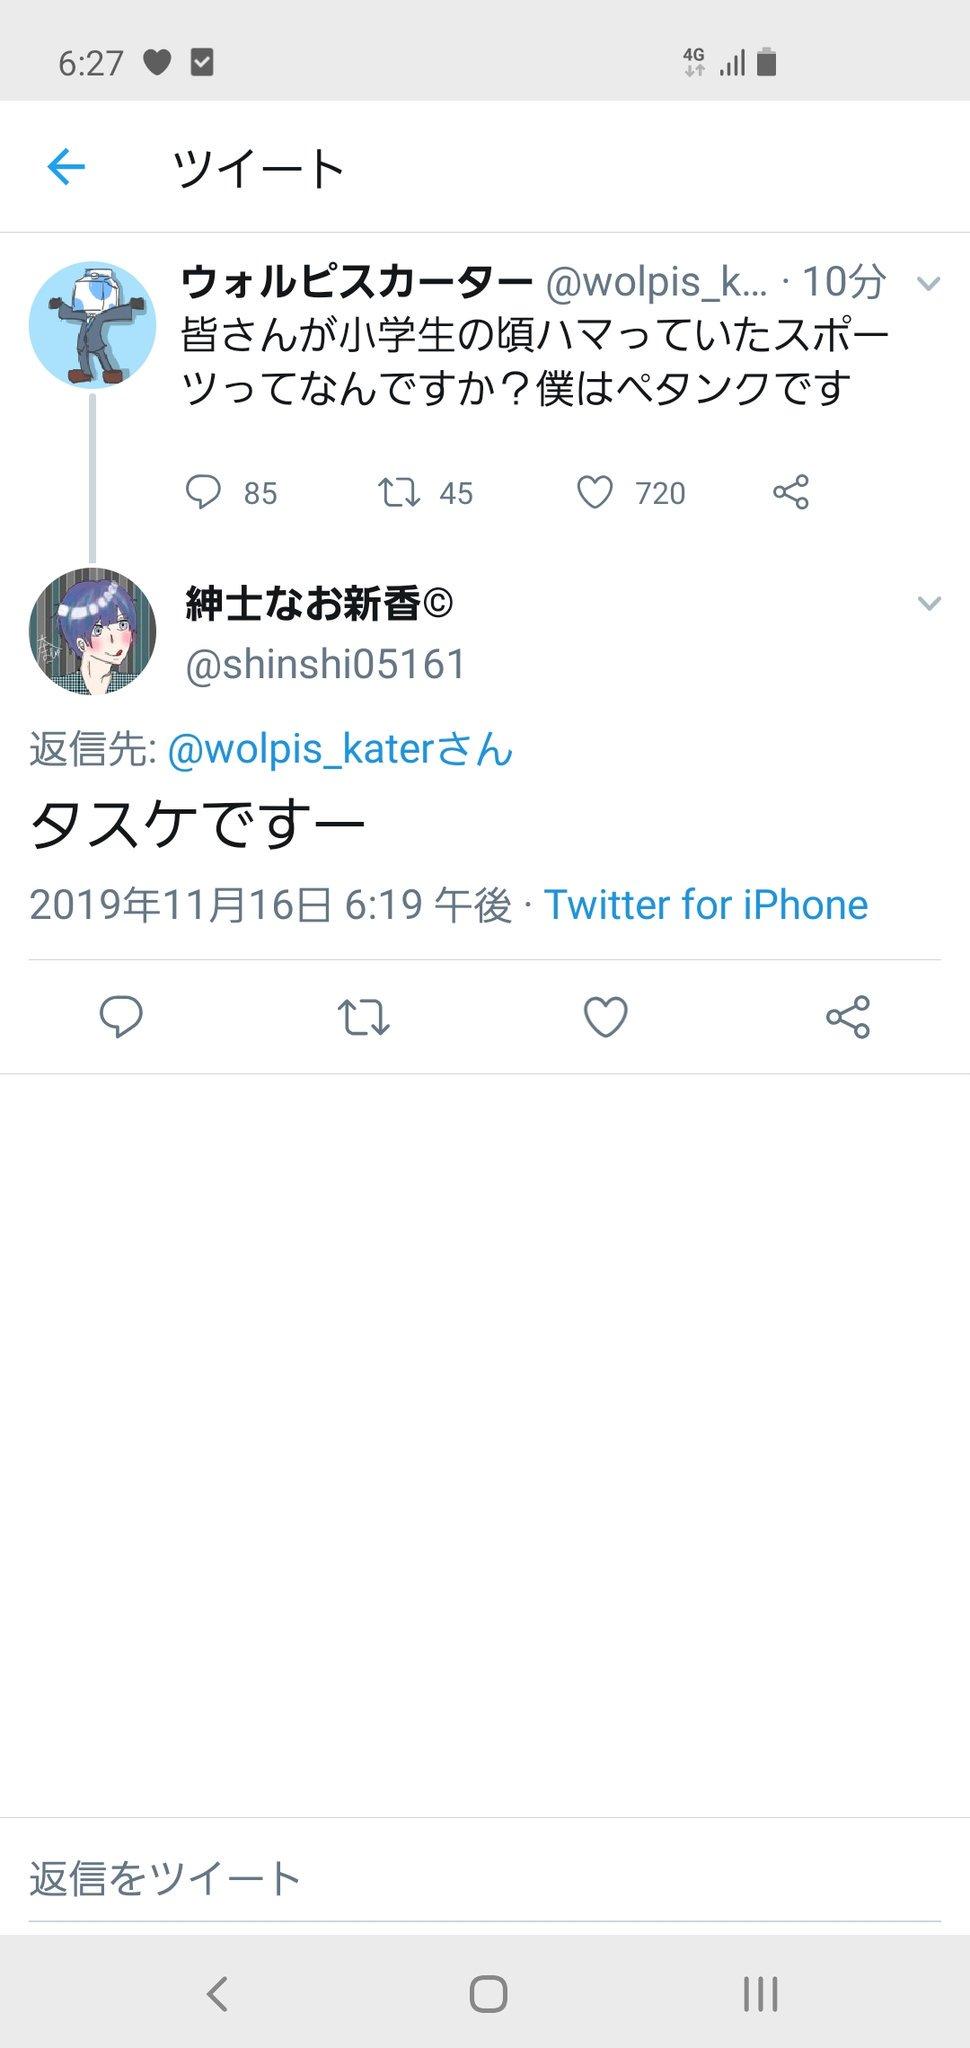 ピス twitter ウォル カーター